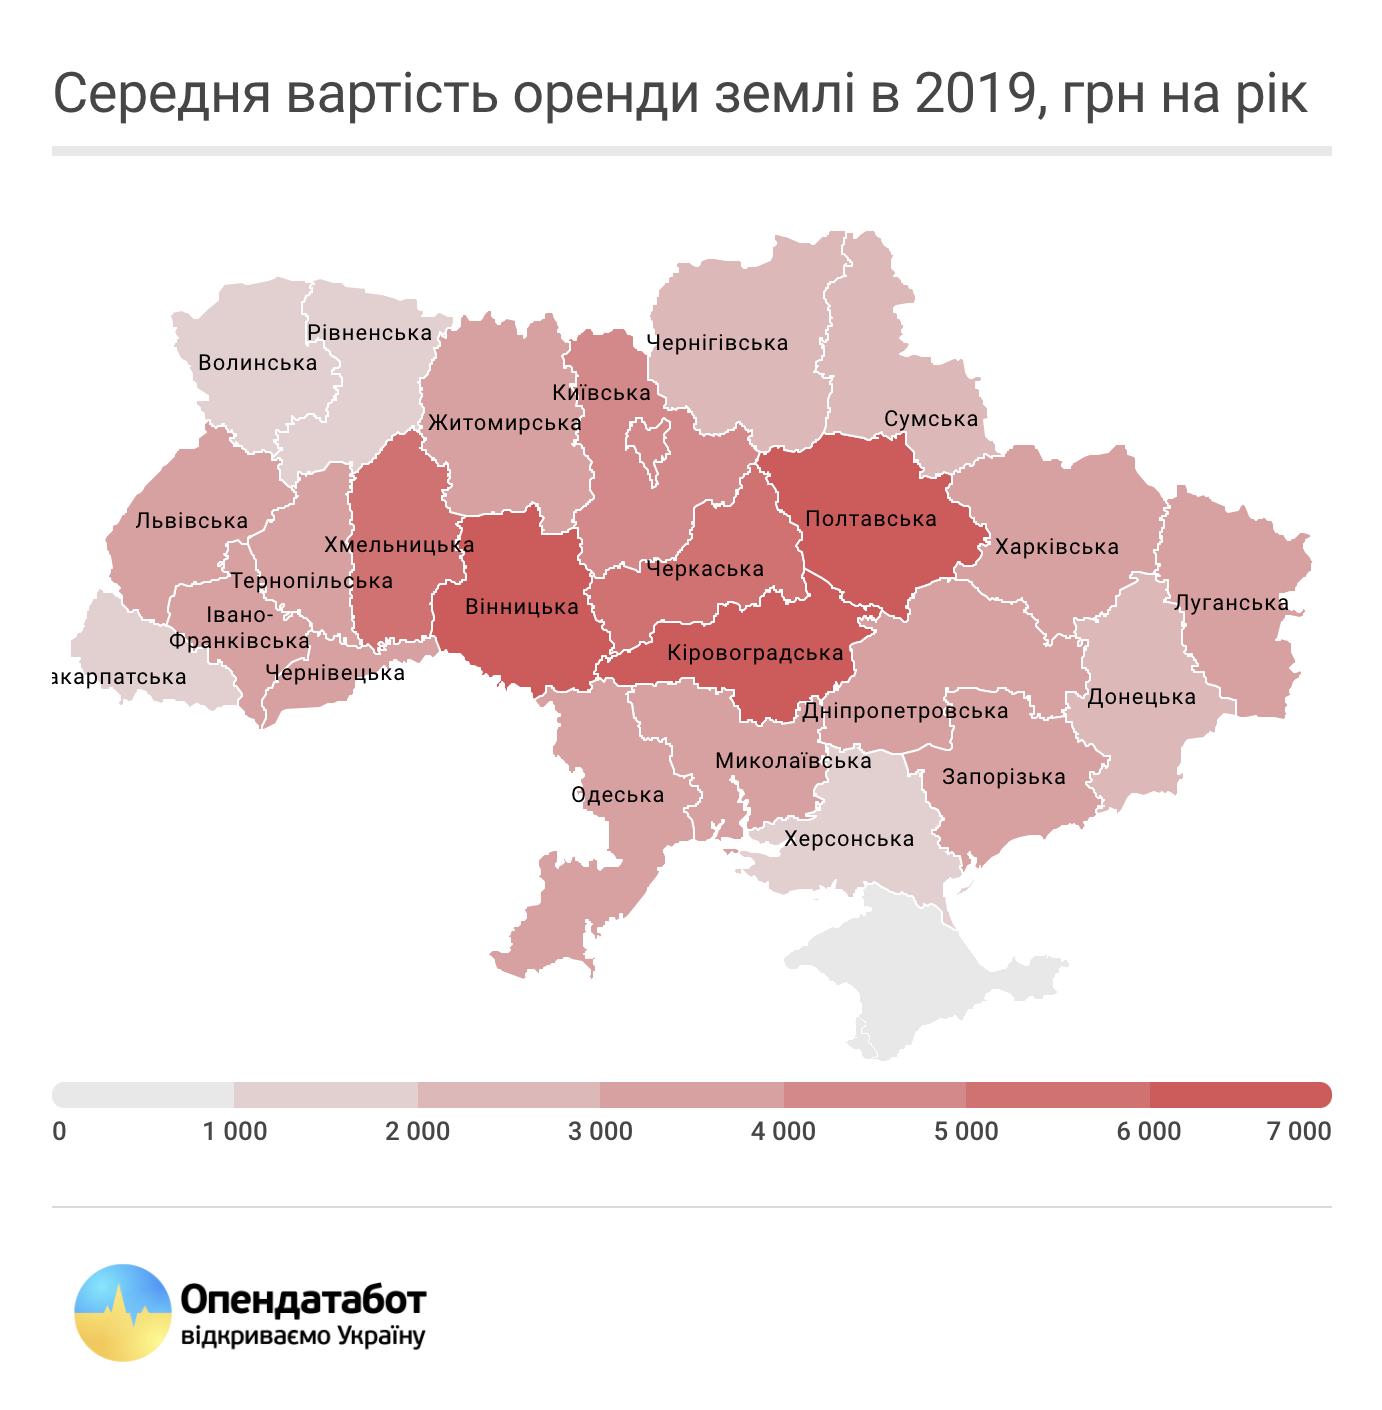 Средняя стоимость аренды земли в 2019, грн в год